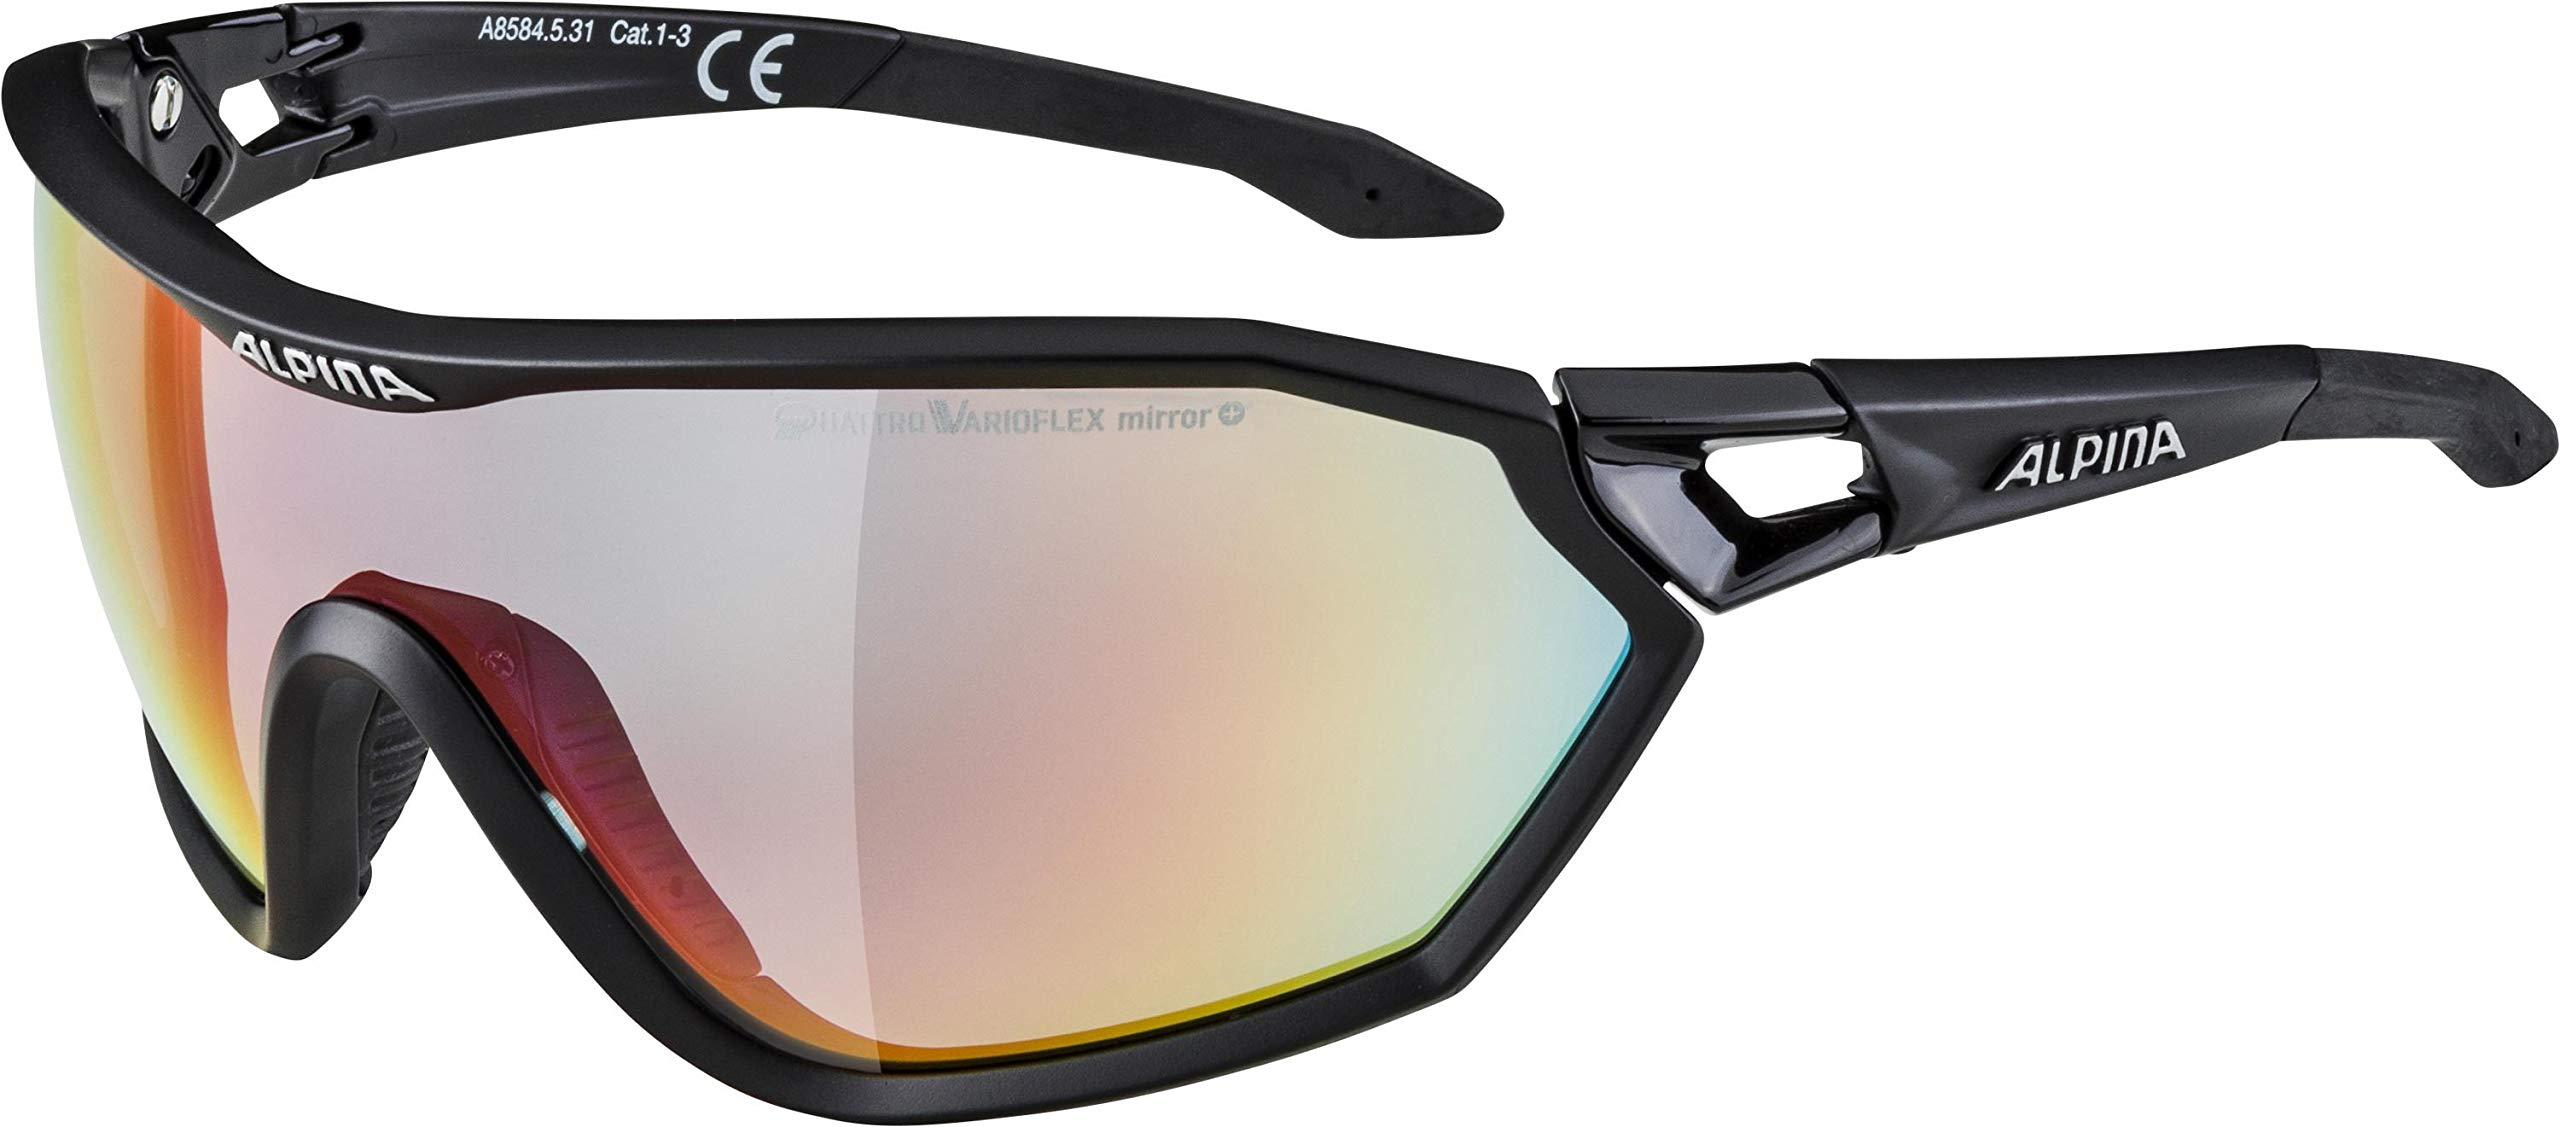 ALPINA Unisex - Erwachsene, S-WAY QV Sportbrille, black matt, One Size